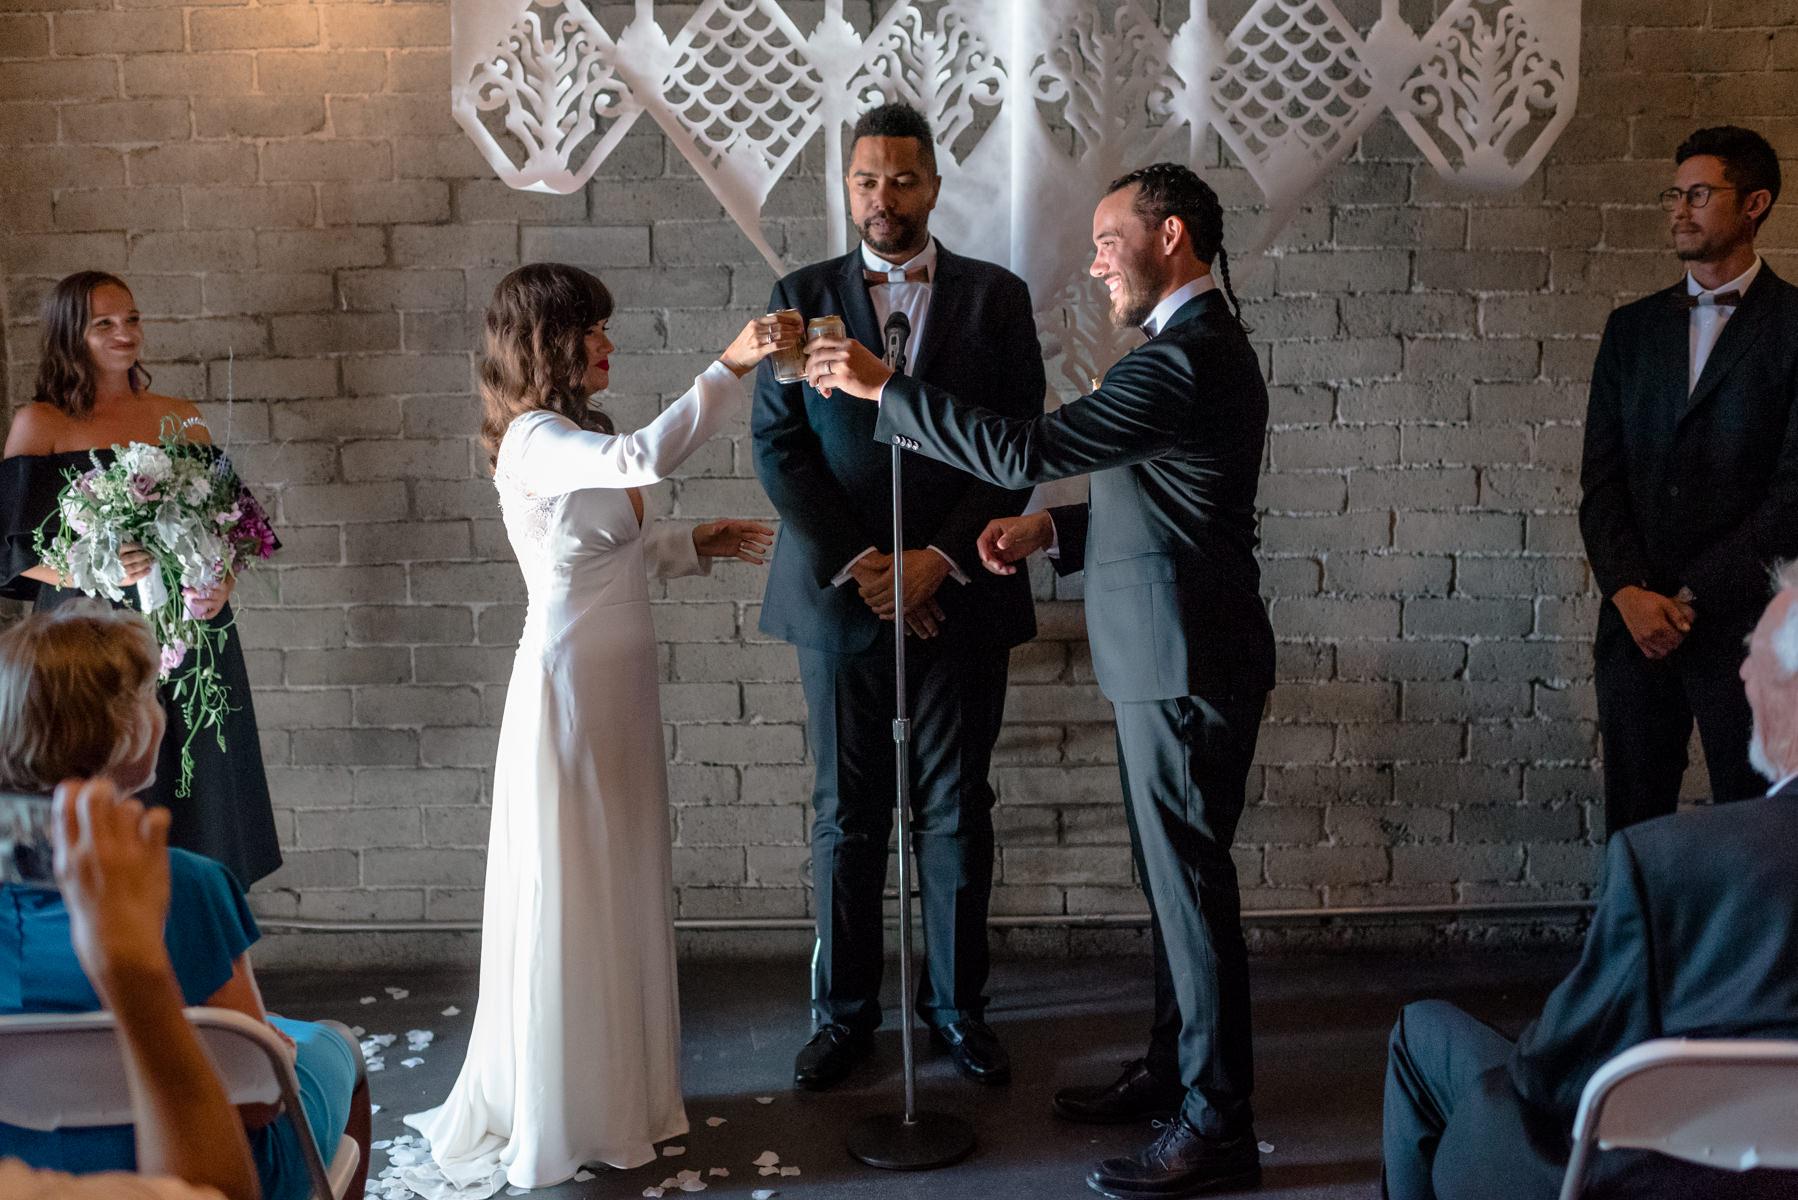 Andrew Tat - Documentary Wedding Photography - WithinSodo - Seattle, Washington -Hilary & Zach - 08.jpg